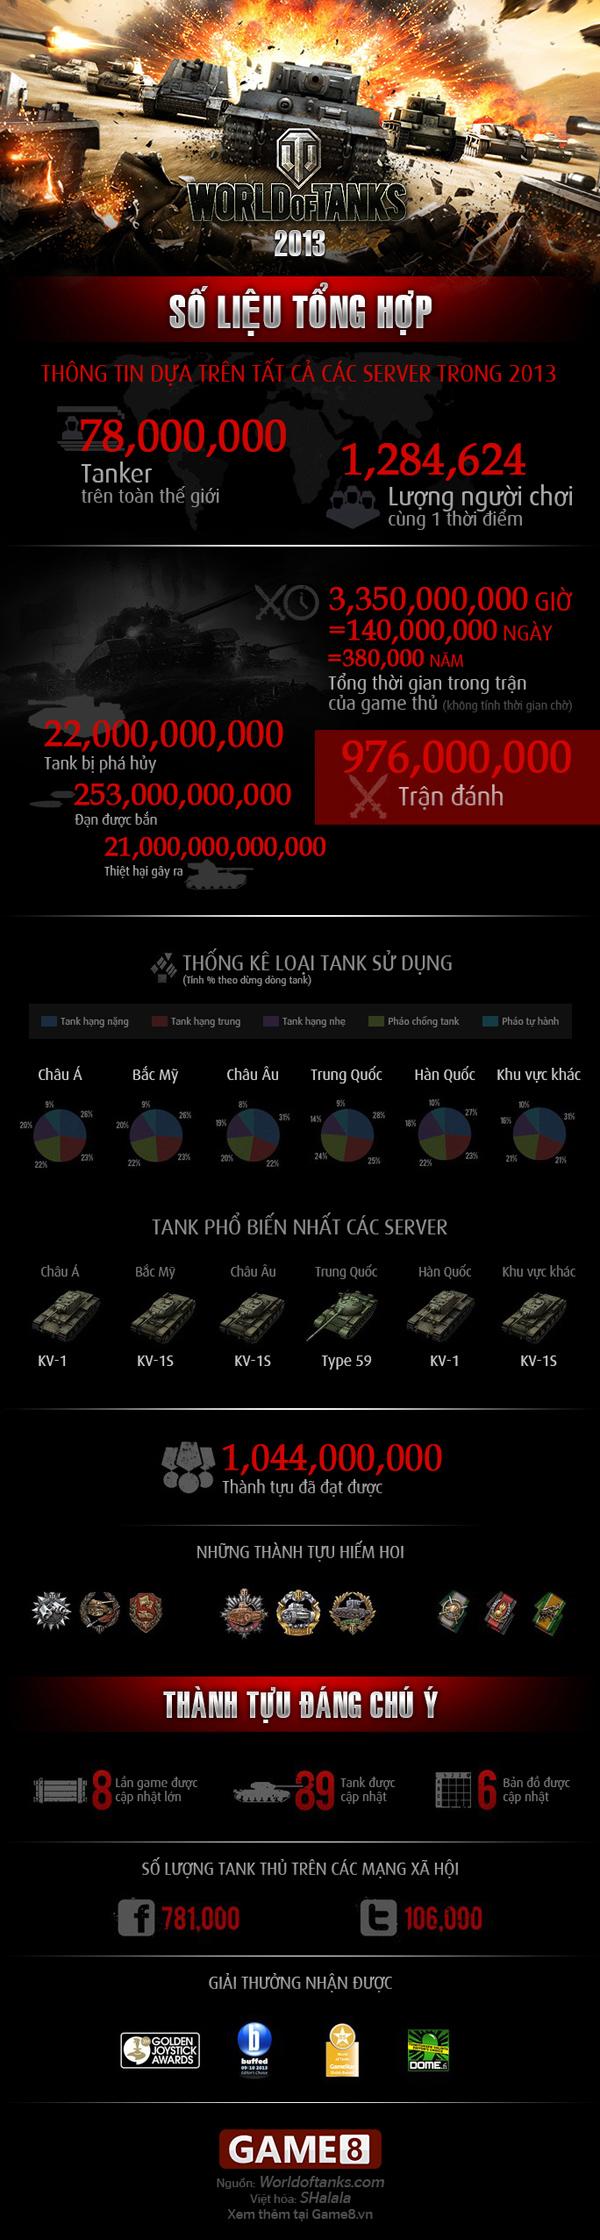 World of Tanks: Những con số biết nói trong 2013 - Ảnh 2